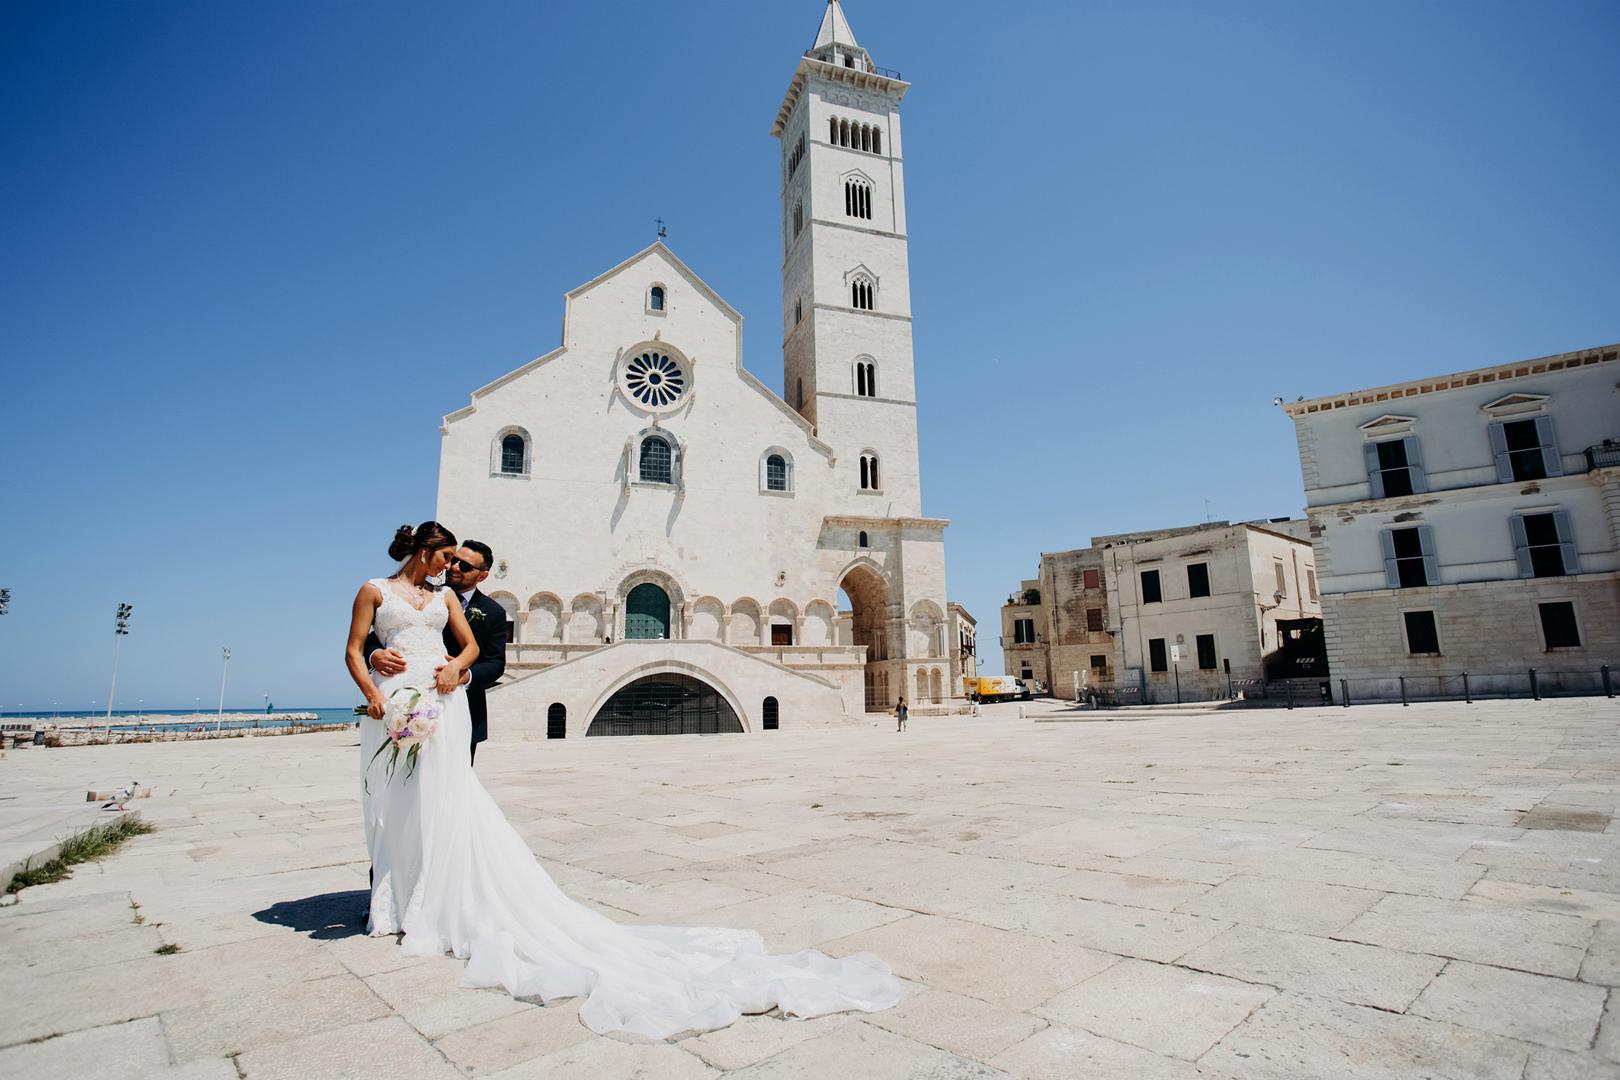 16 gianni-lepore-fotografo-cattedrale-trani-reportage-sposi-groom-bride